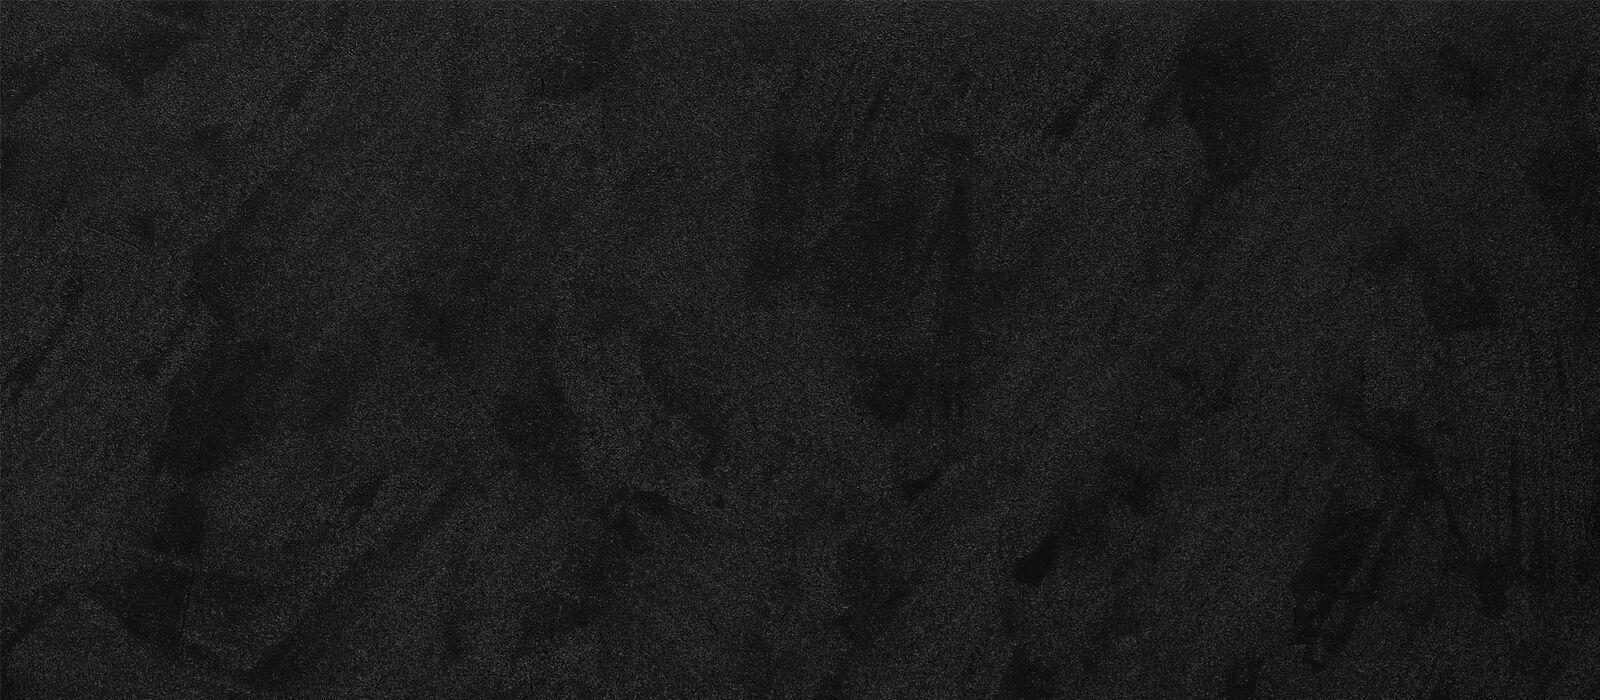 colore structure cosmos grey   0,45 1440